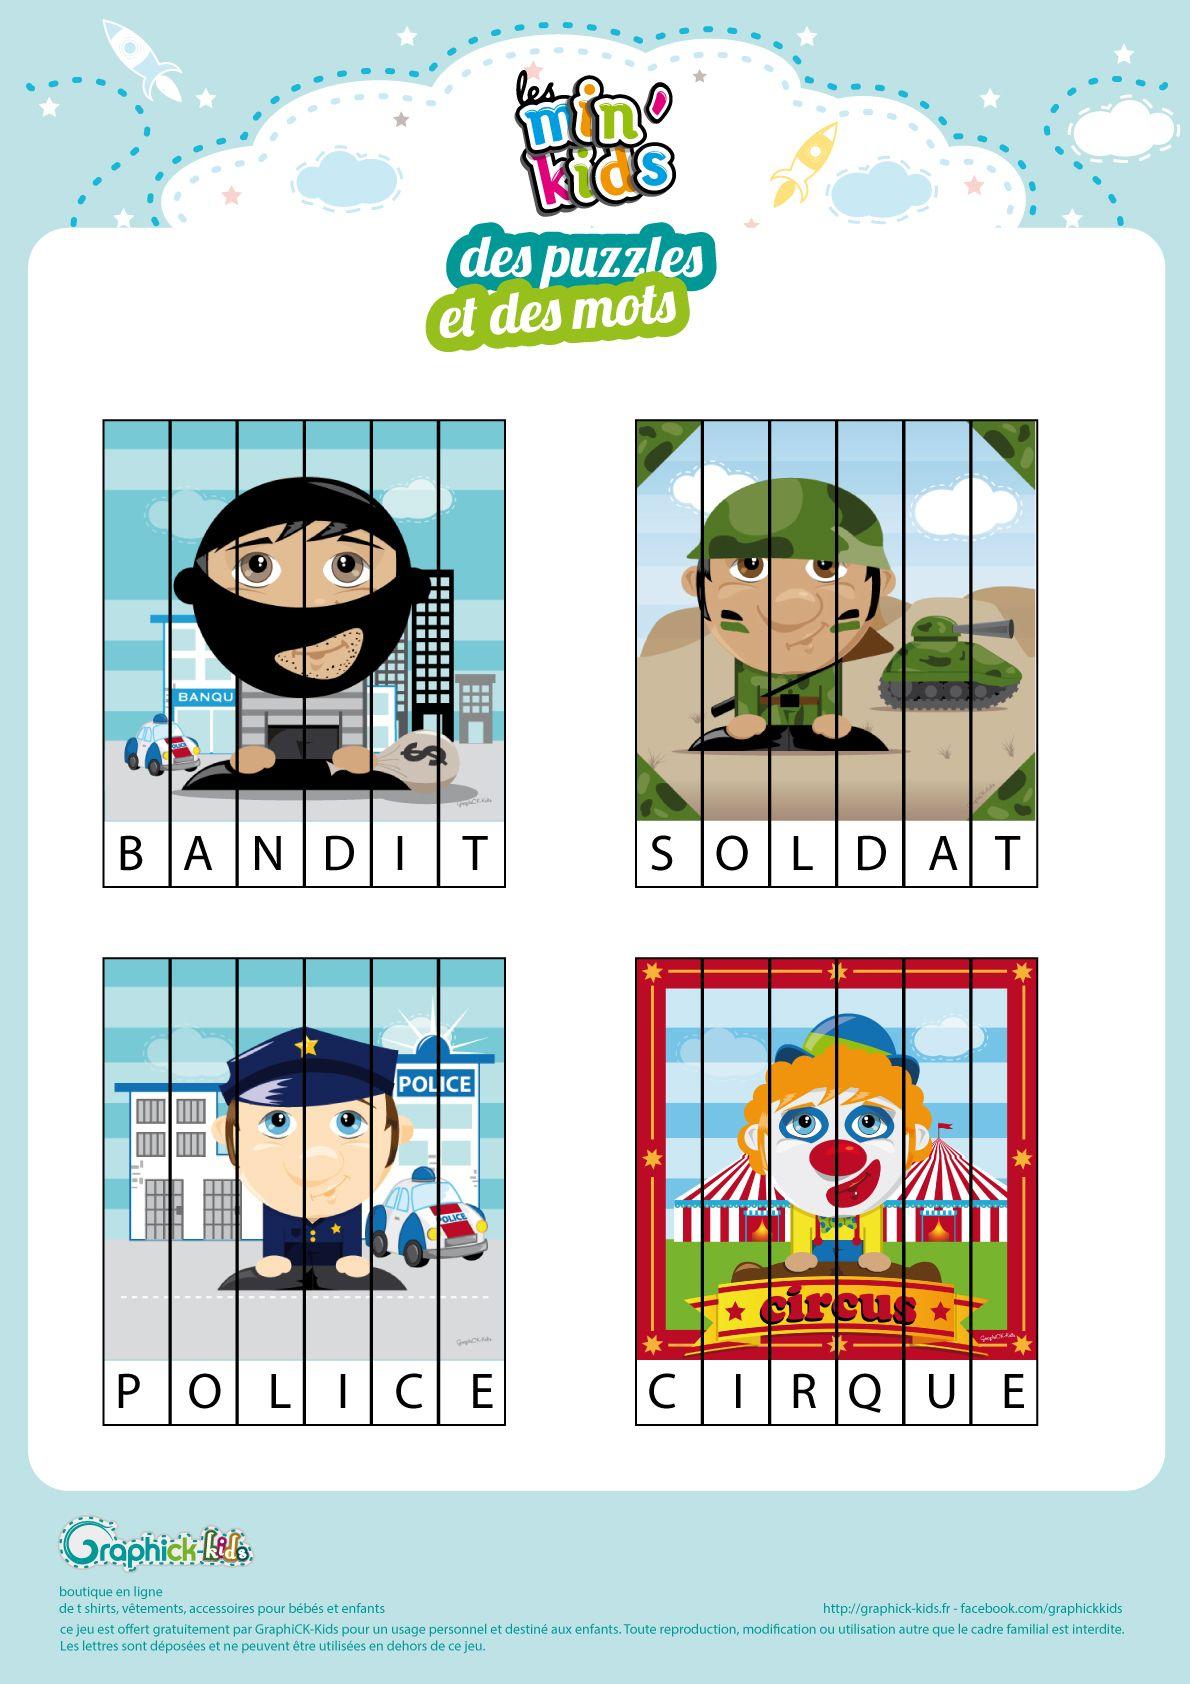 L'activité Du Mercredi : Des Puzzles À Lire Avec Les Min destiné Jeux De Puzzle Pour Enfan Gratuit